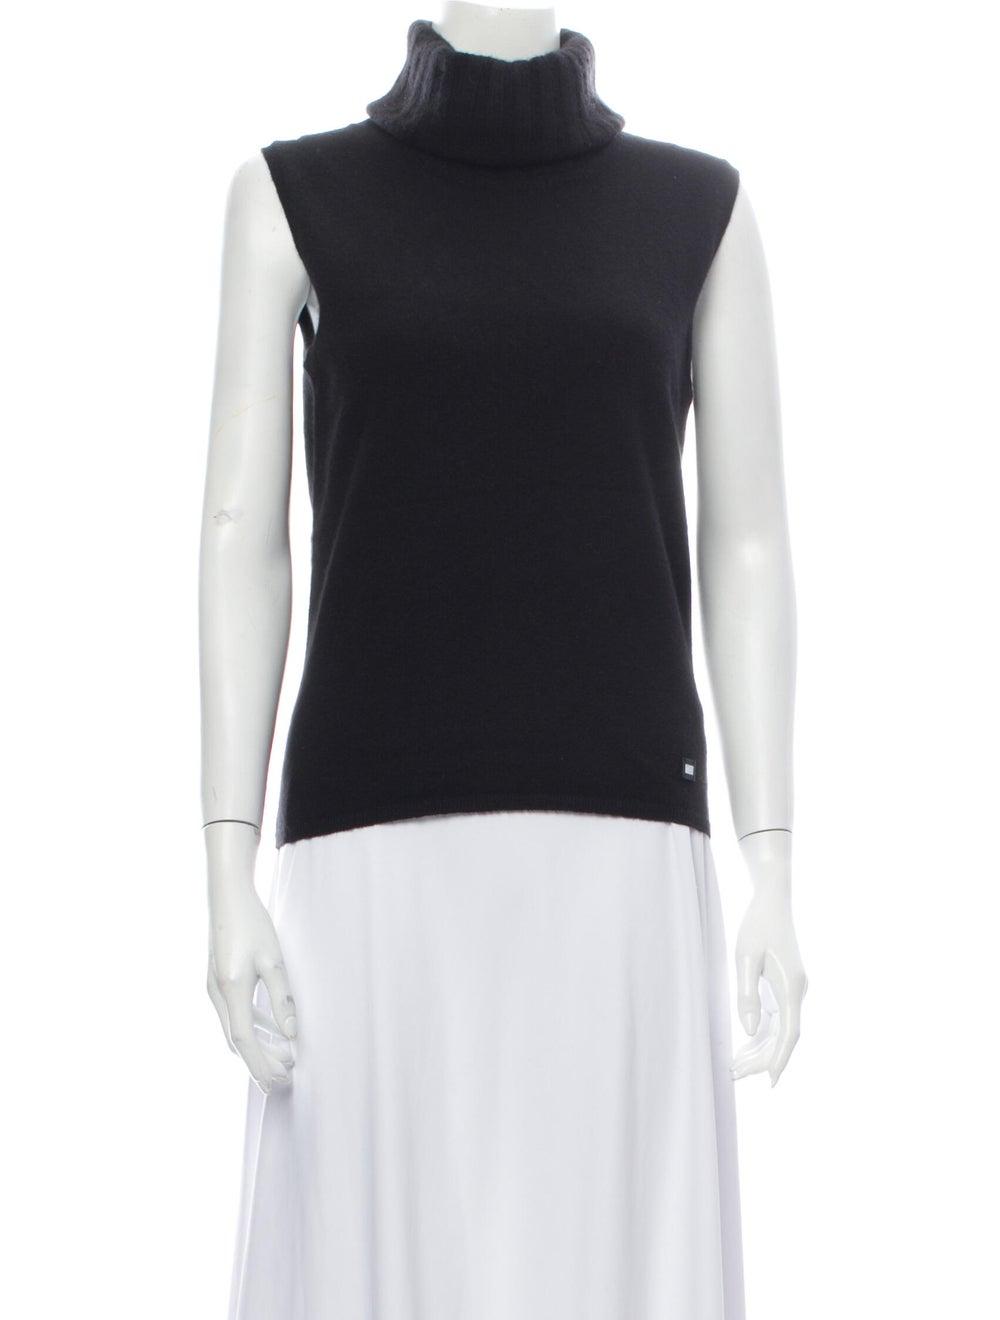 Chanel Vintage 2001 Sweater Black - image 1